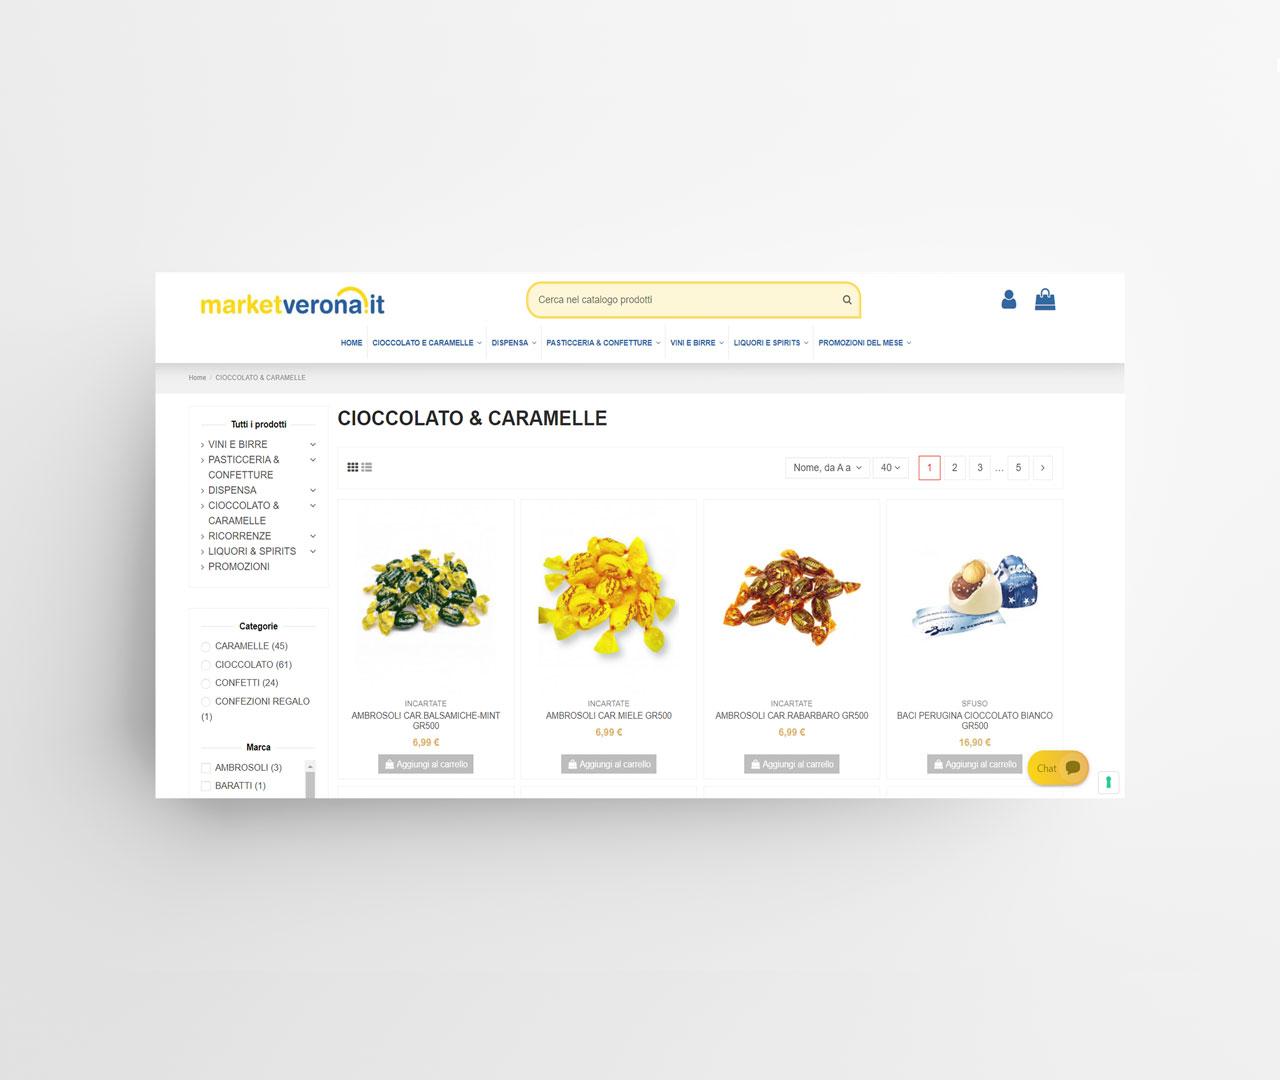 marketverona1